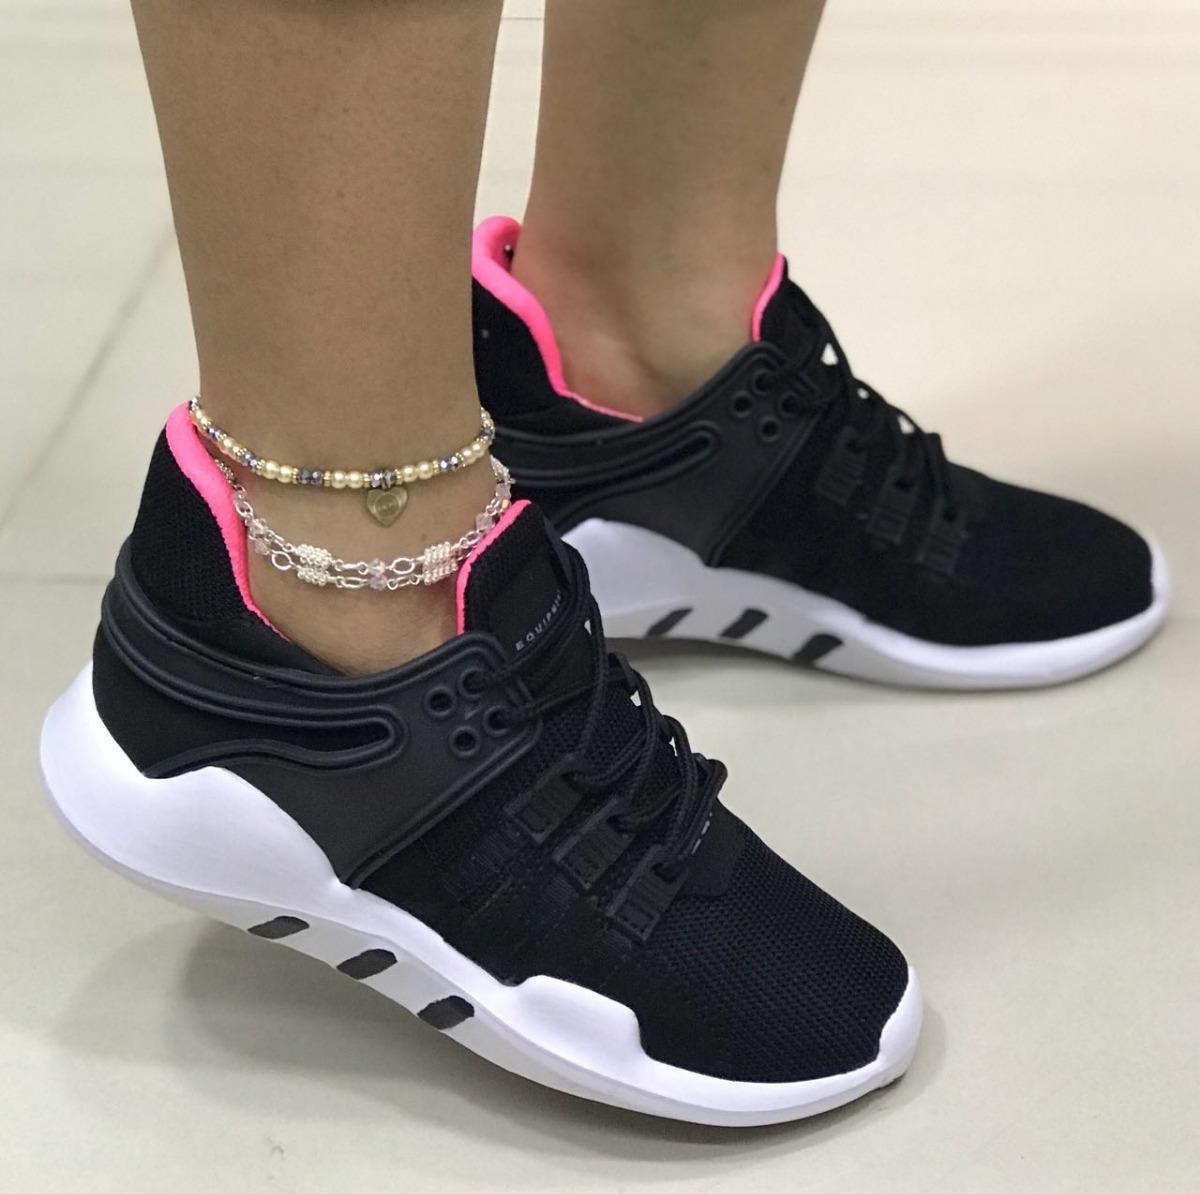 d640afaa7e2da zapatos deportivos negros para mujer tenis moda para mujer. Cargando zoom.